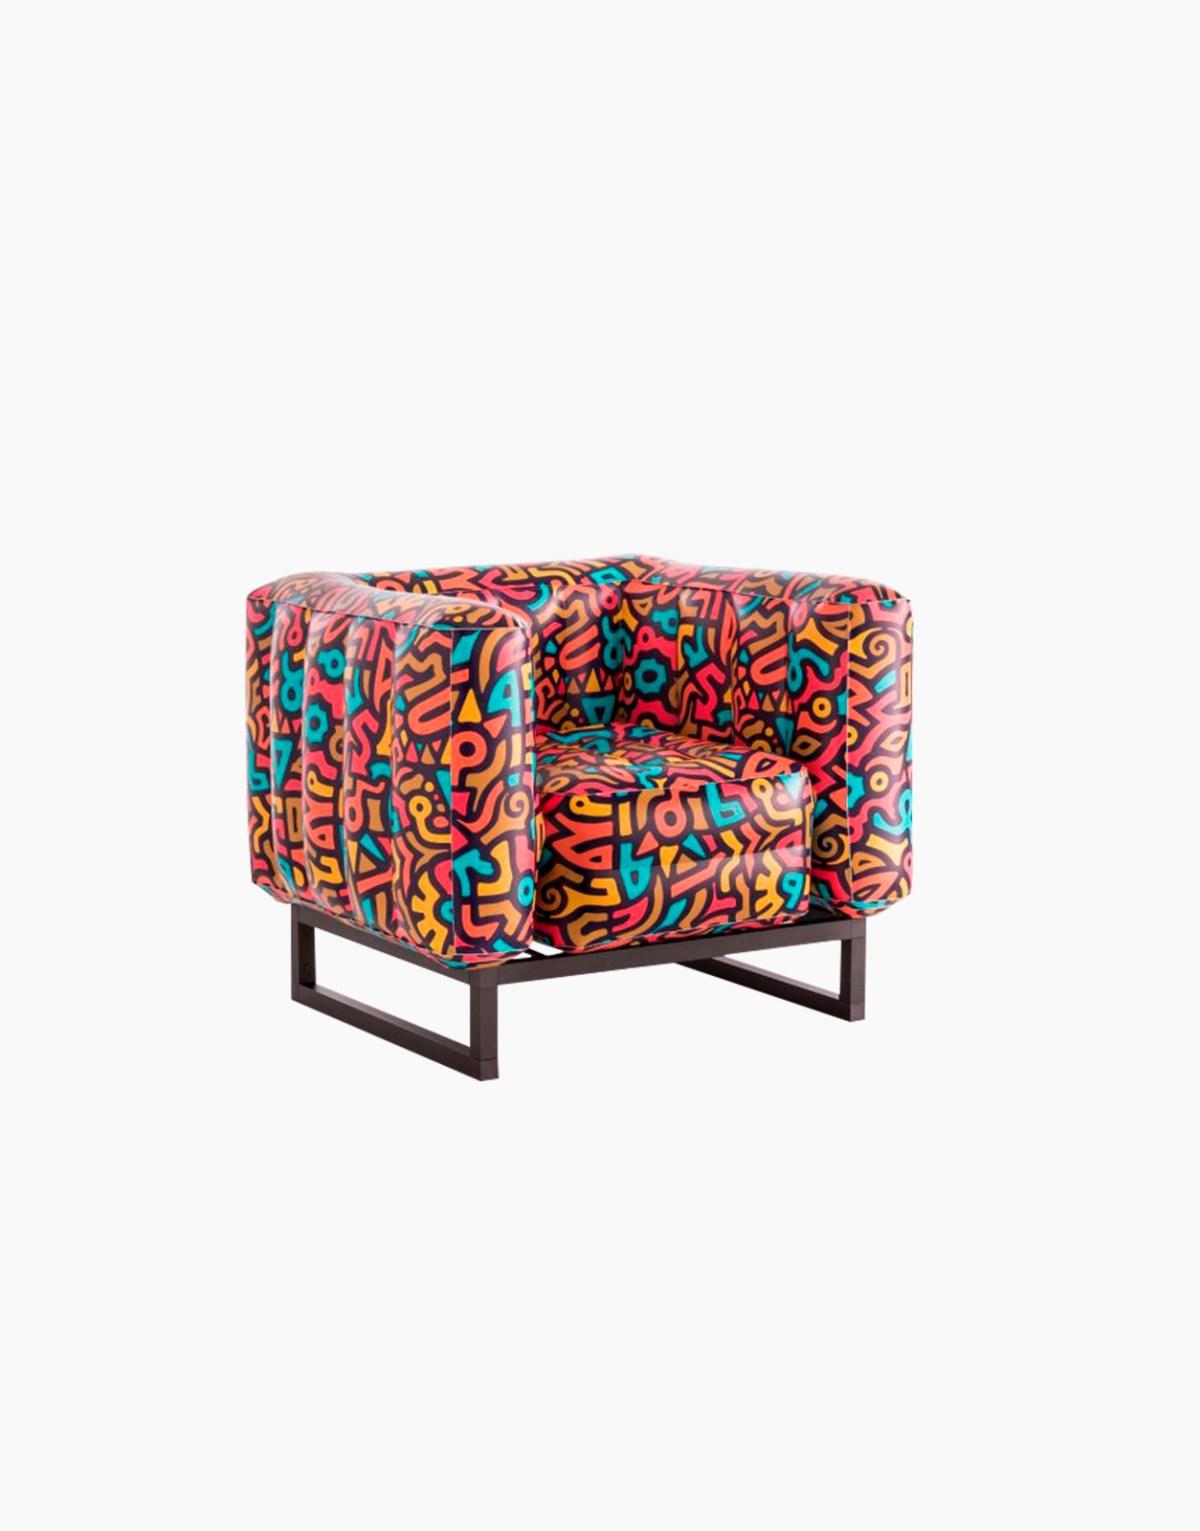 Revendeur de Mojow solution design fr mobilier assises fauteuil yomi tag line